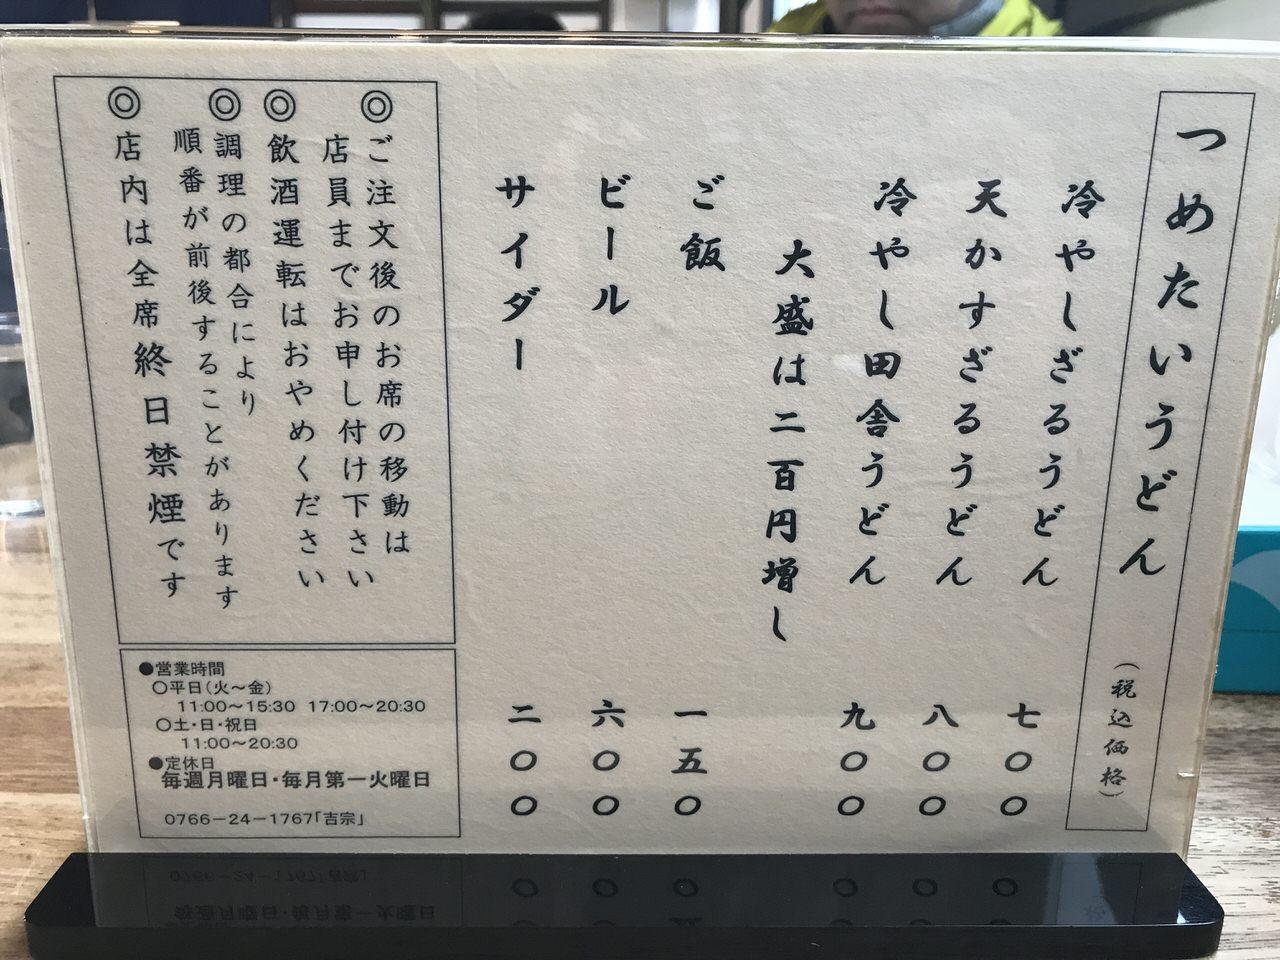 吉宗 カレーうどん メニュー 02